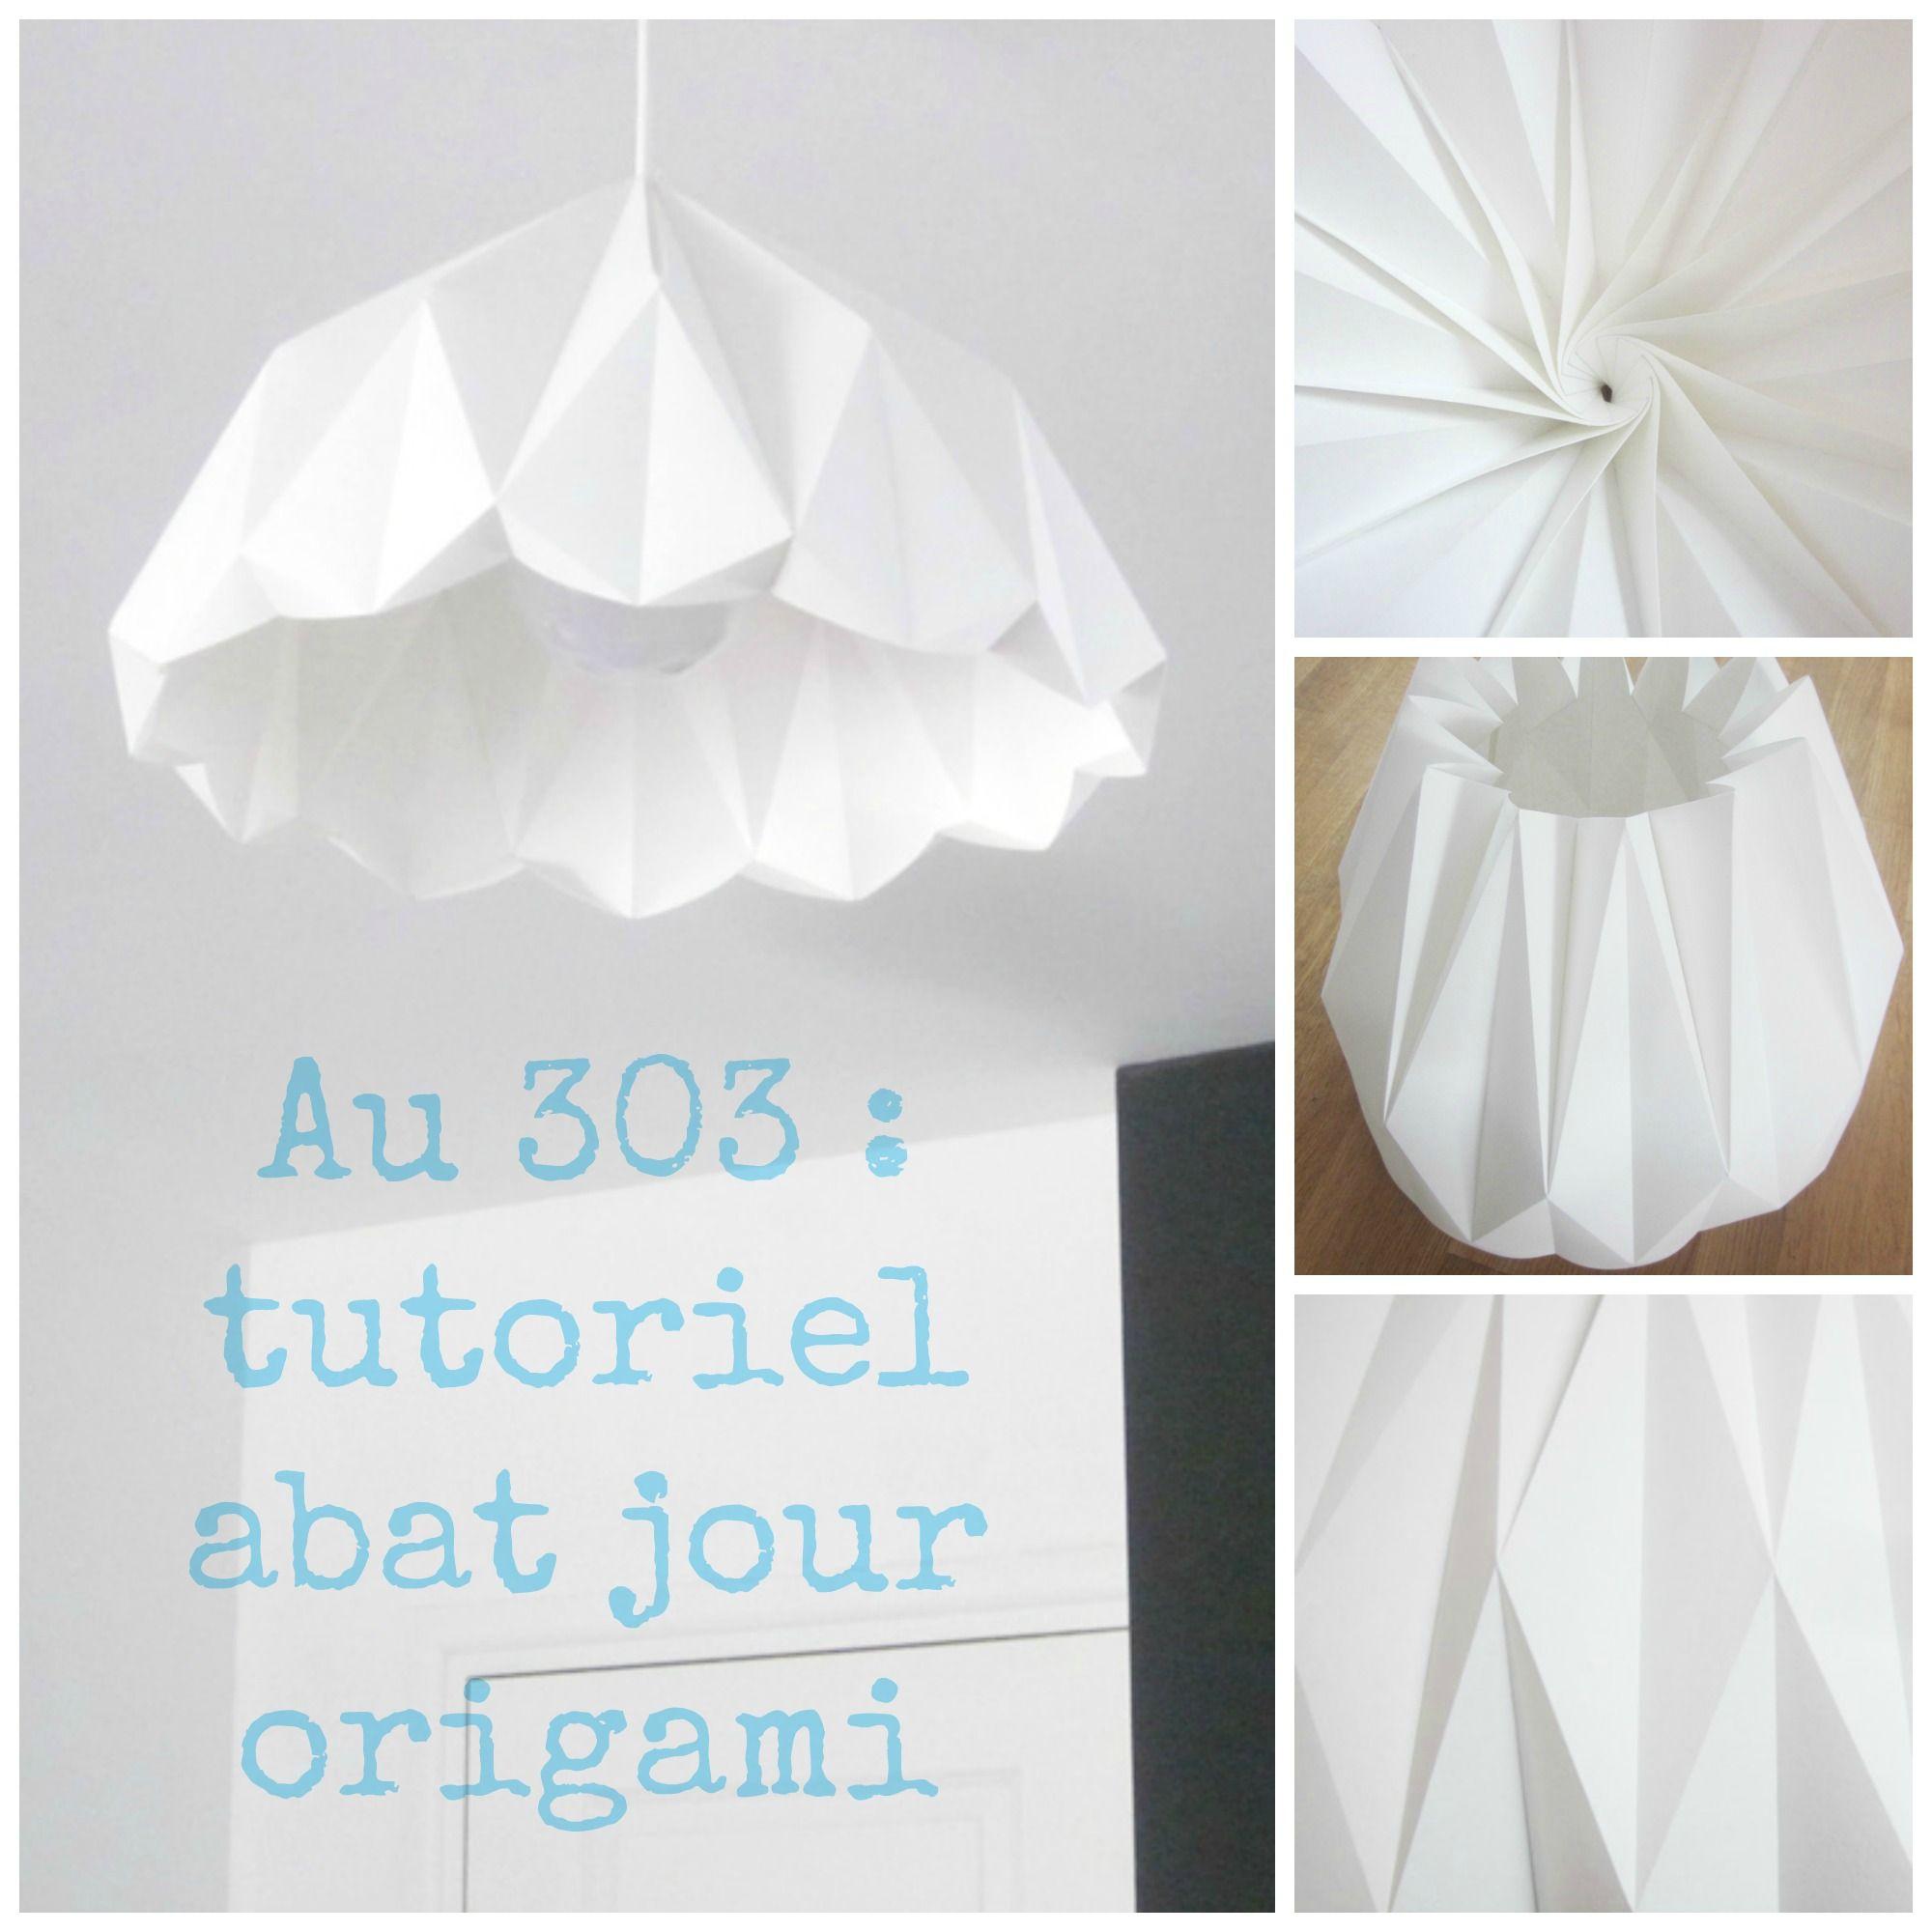 abat jour origami diy craft pinterest. Black Bedroom Furniture Sets. Home Design Ideas